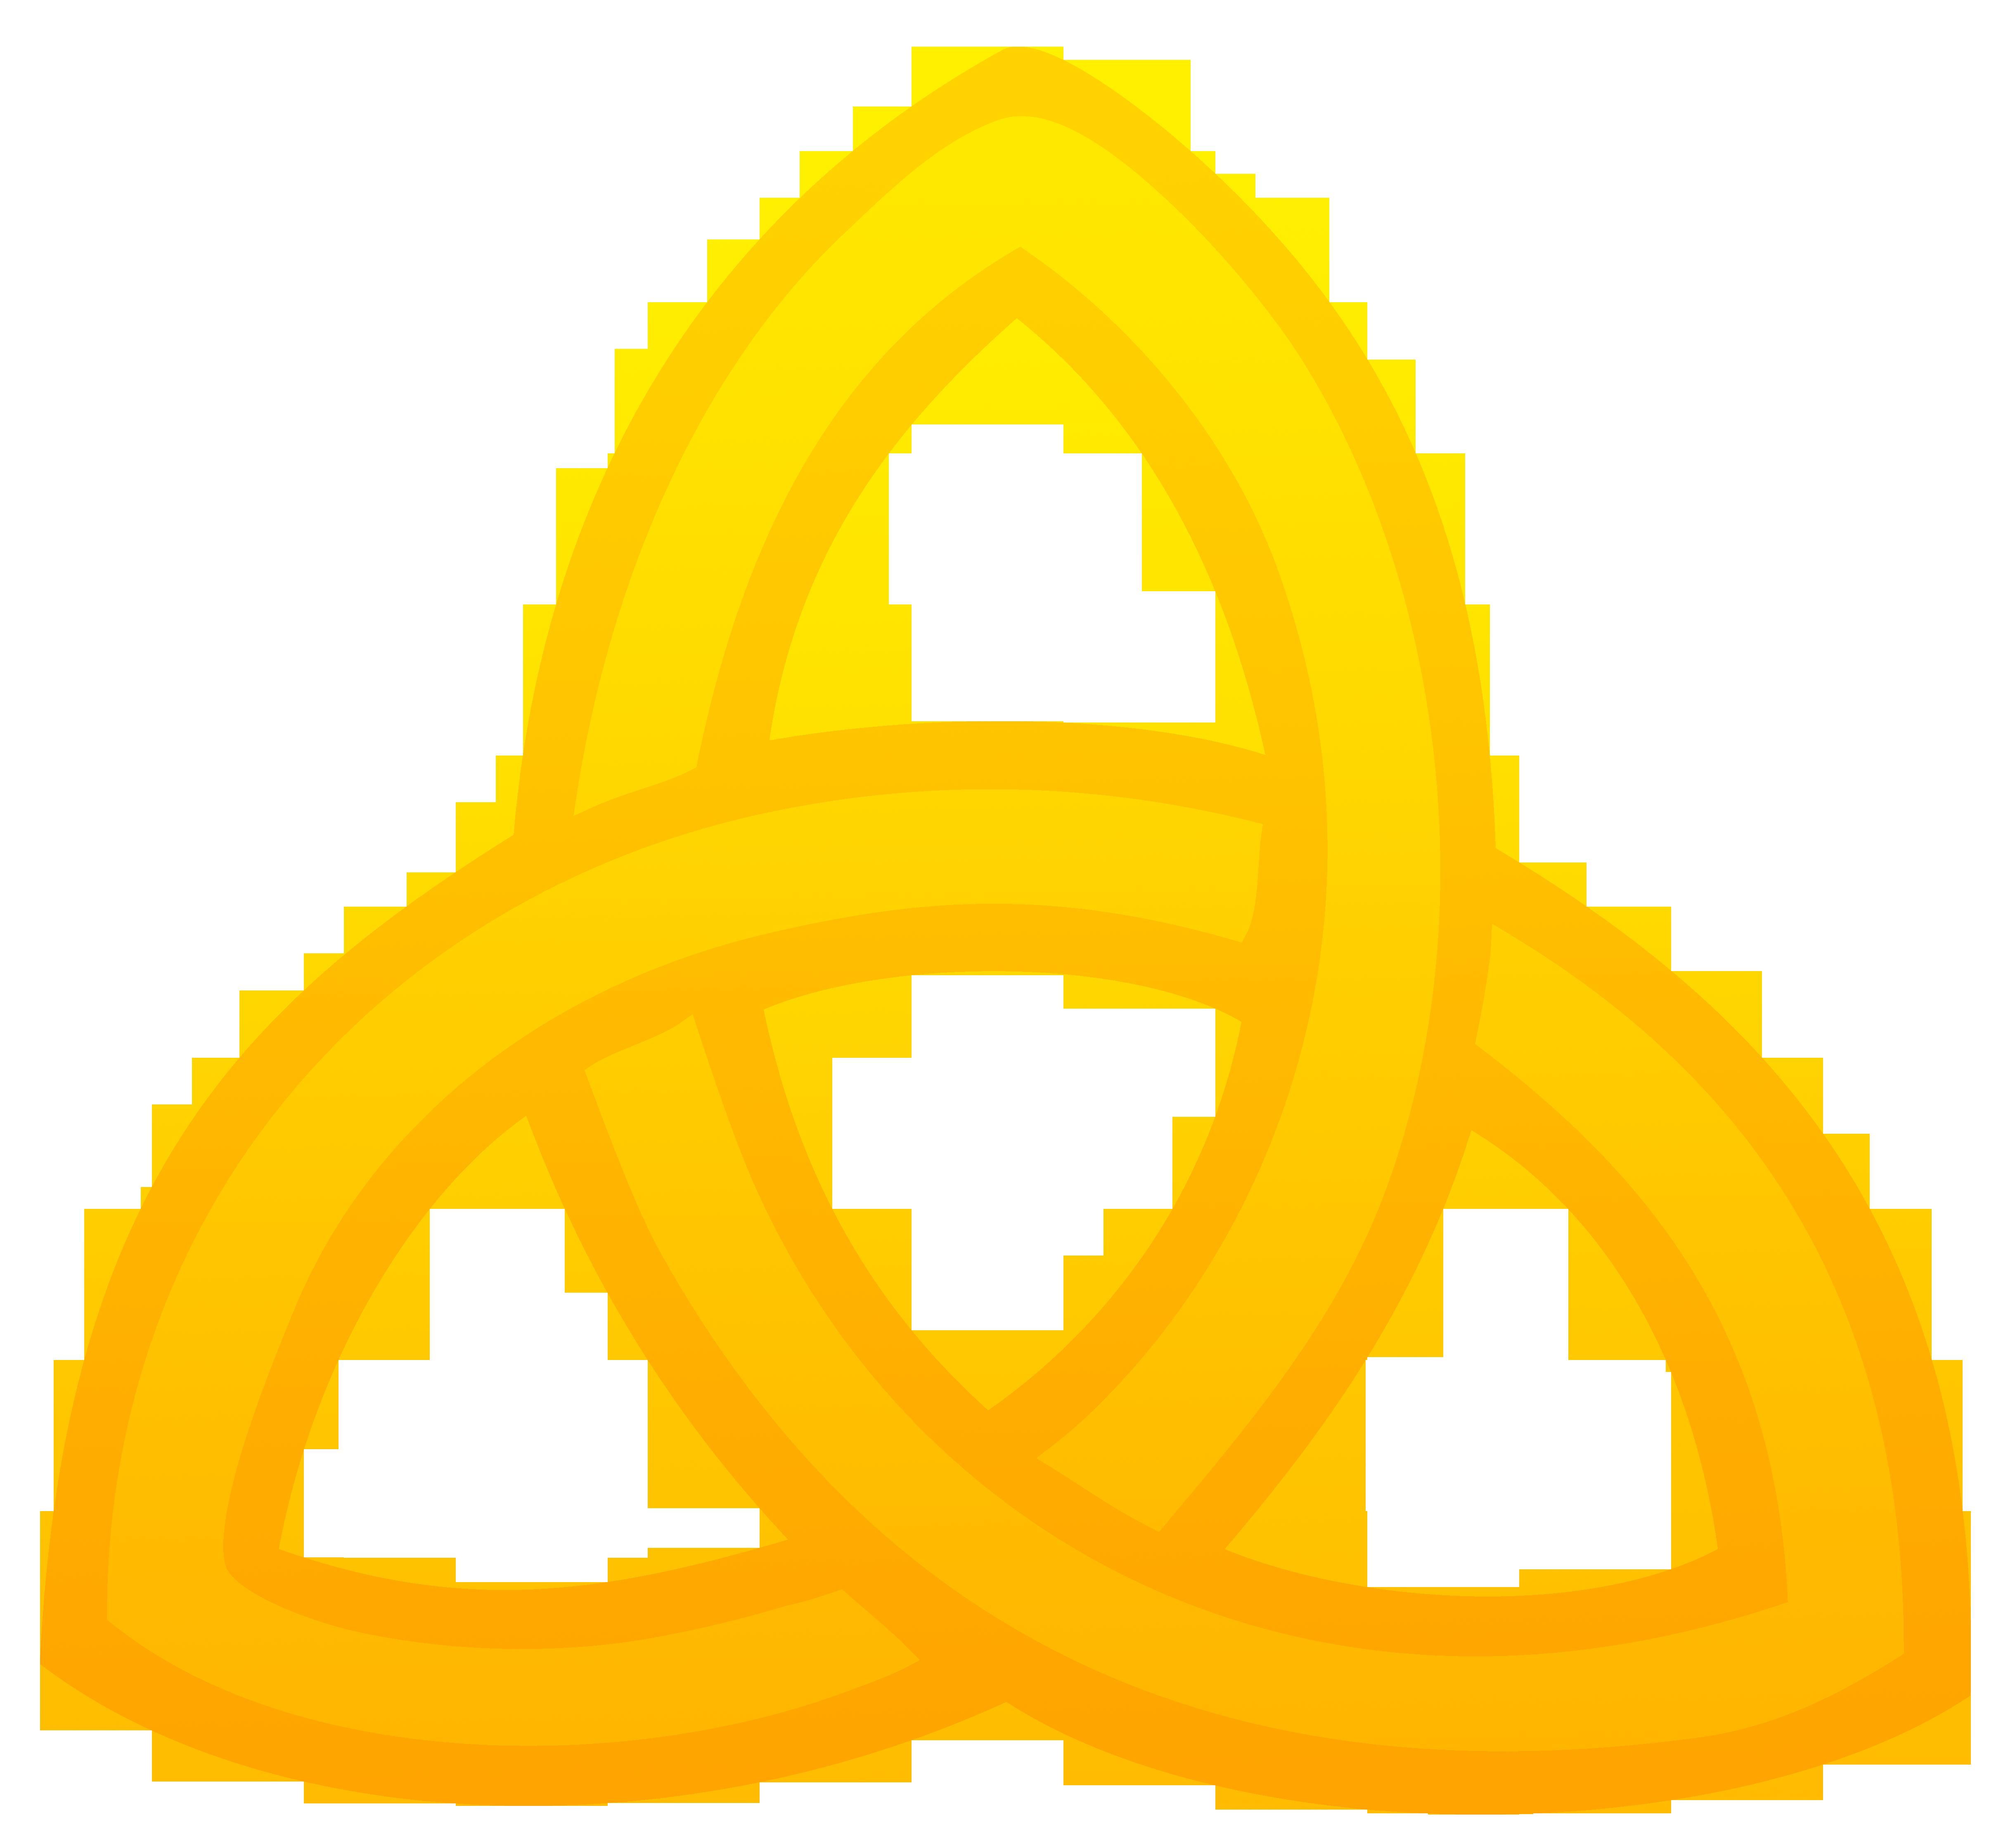 4864x4476 Triquetra Symbol Golden Clip Art